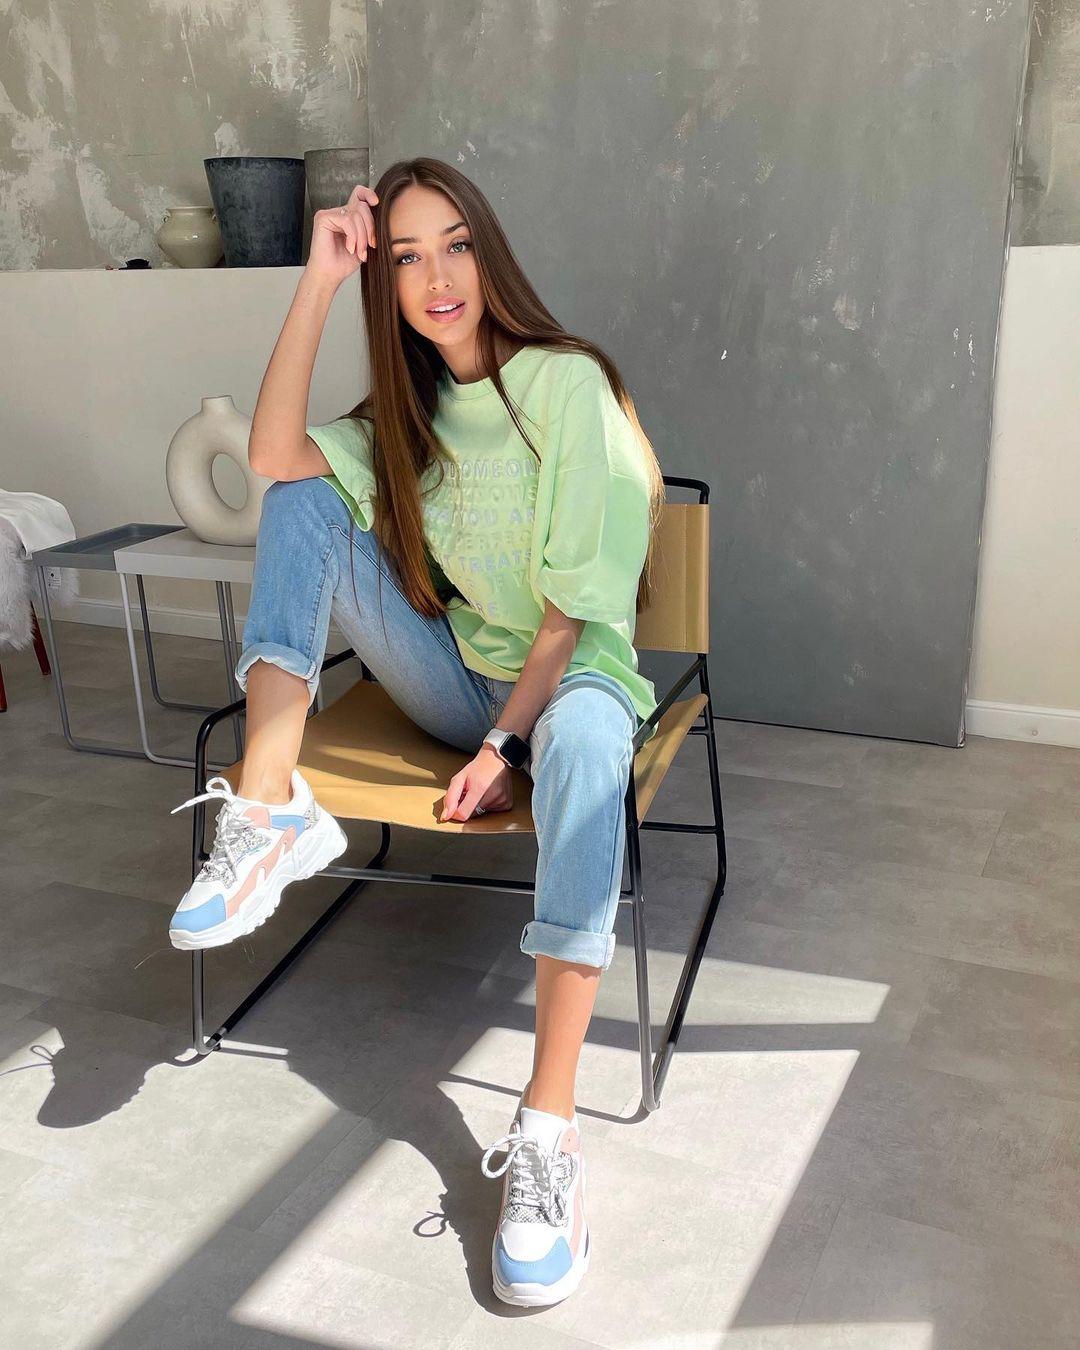 Ksenia-Stefanenko-Wallpapers-Insta-Fit-Bio-11